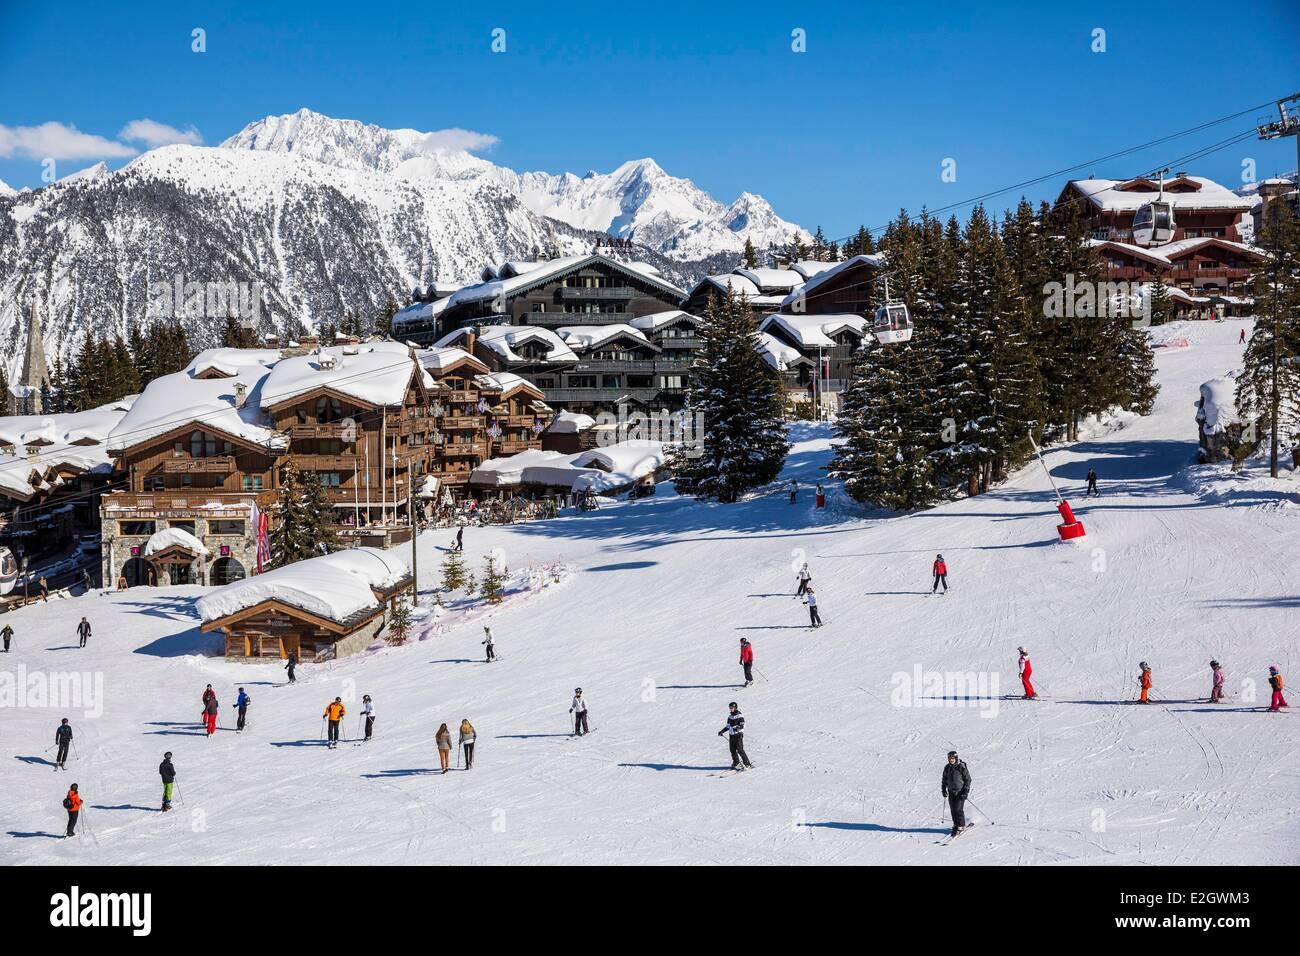 France Savoie Courchevel 1850 Le Grand Bec (Alt :3398 m) and La Pointe du Vallonnet (Alt : 3372 m) at top massif Stock Photo